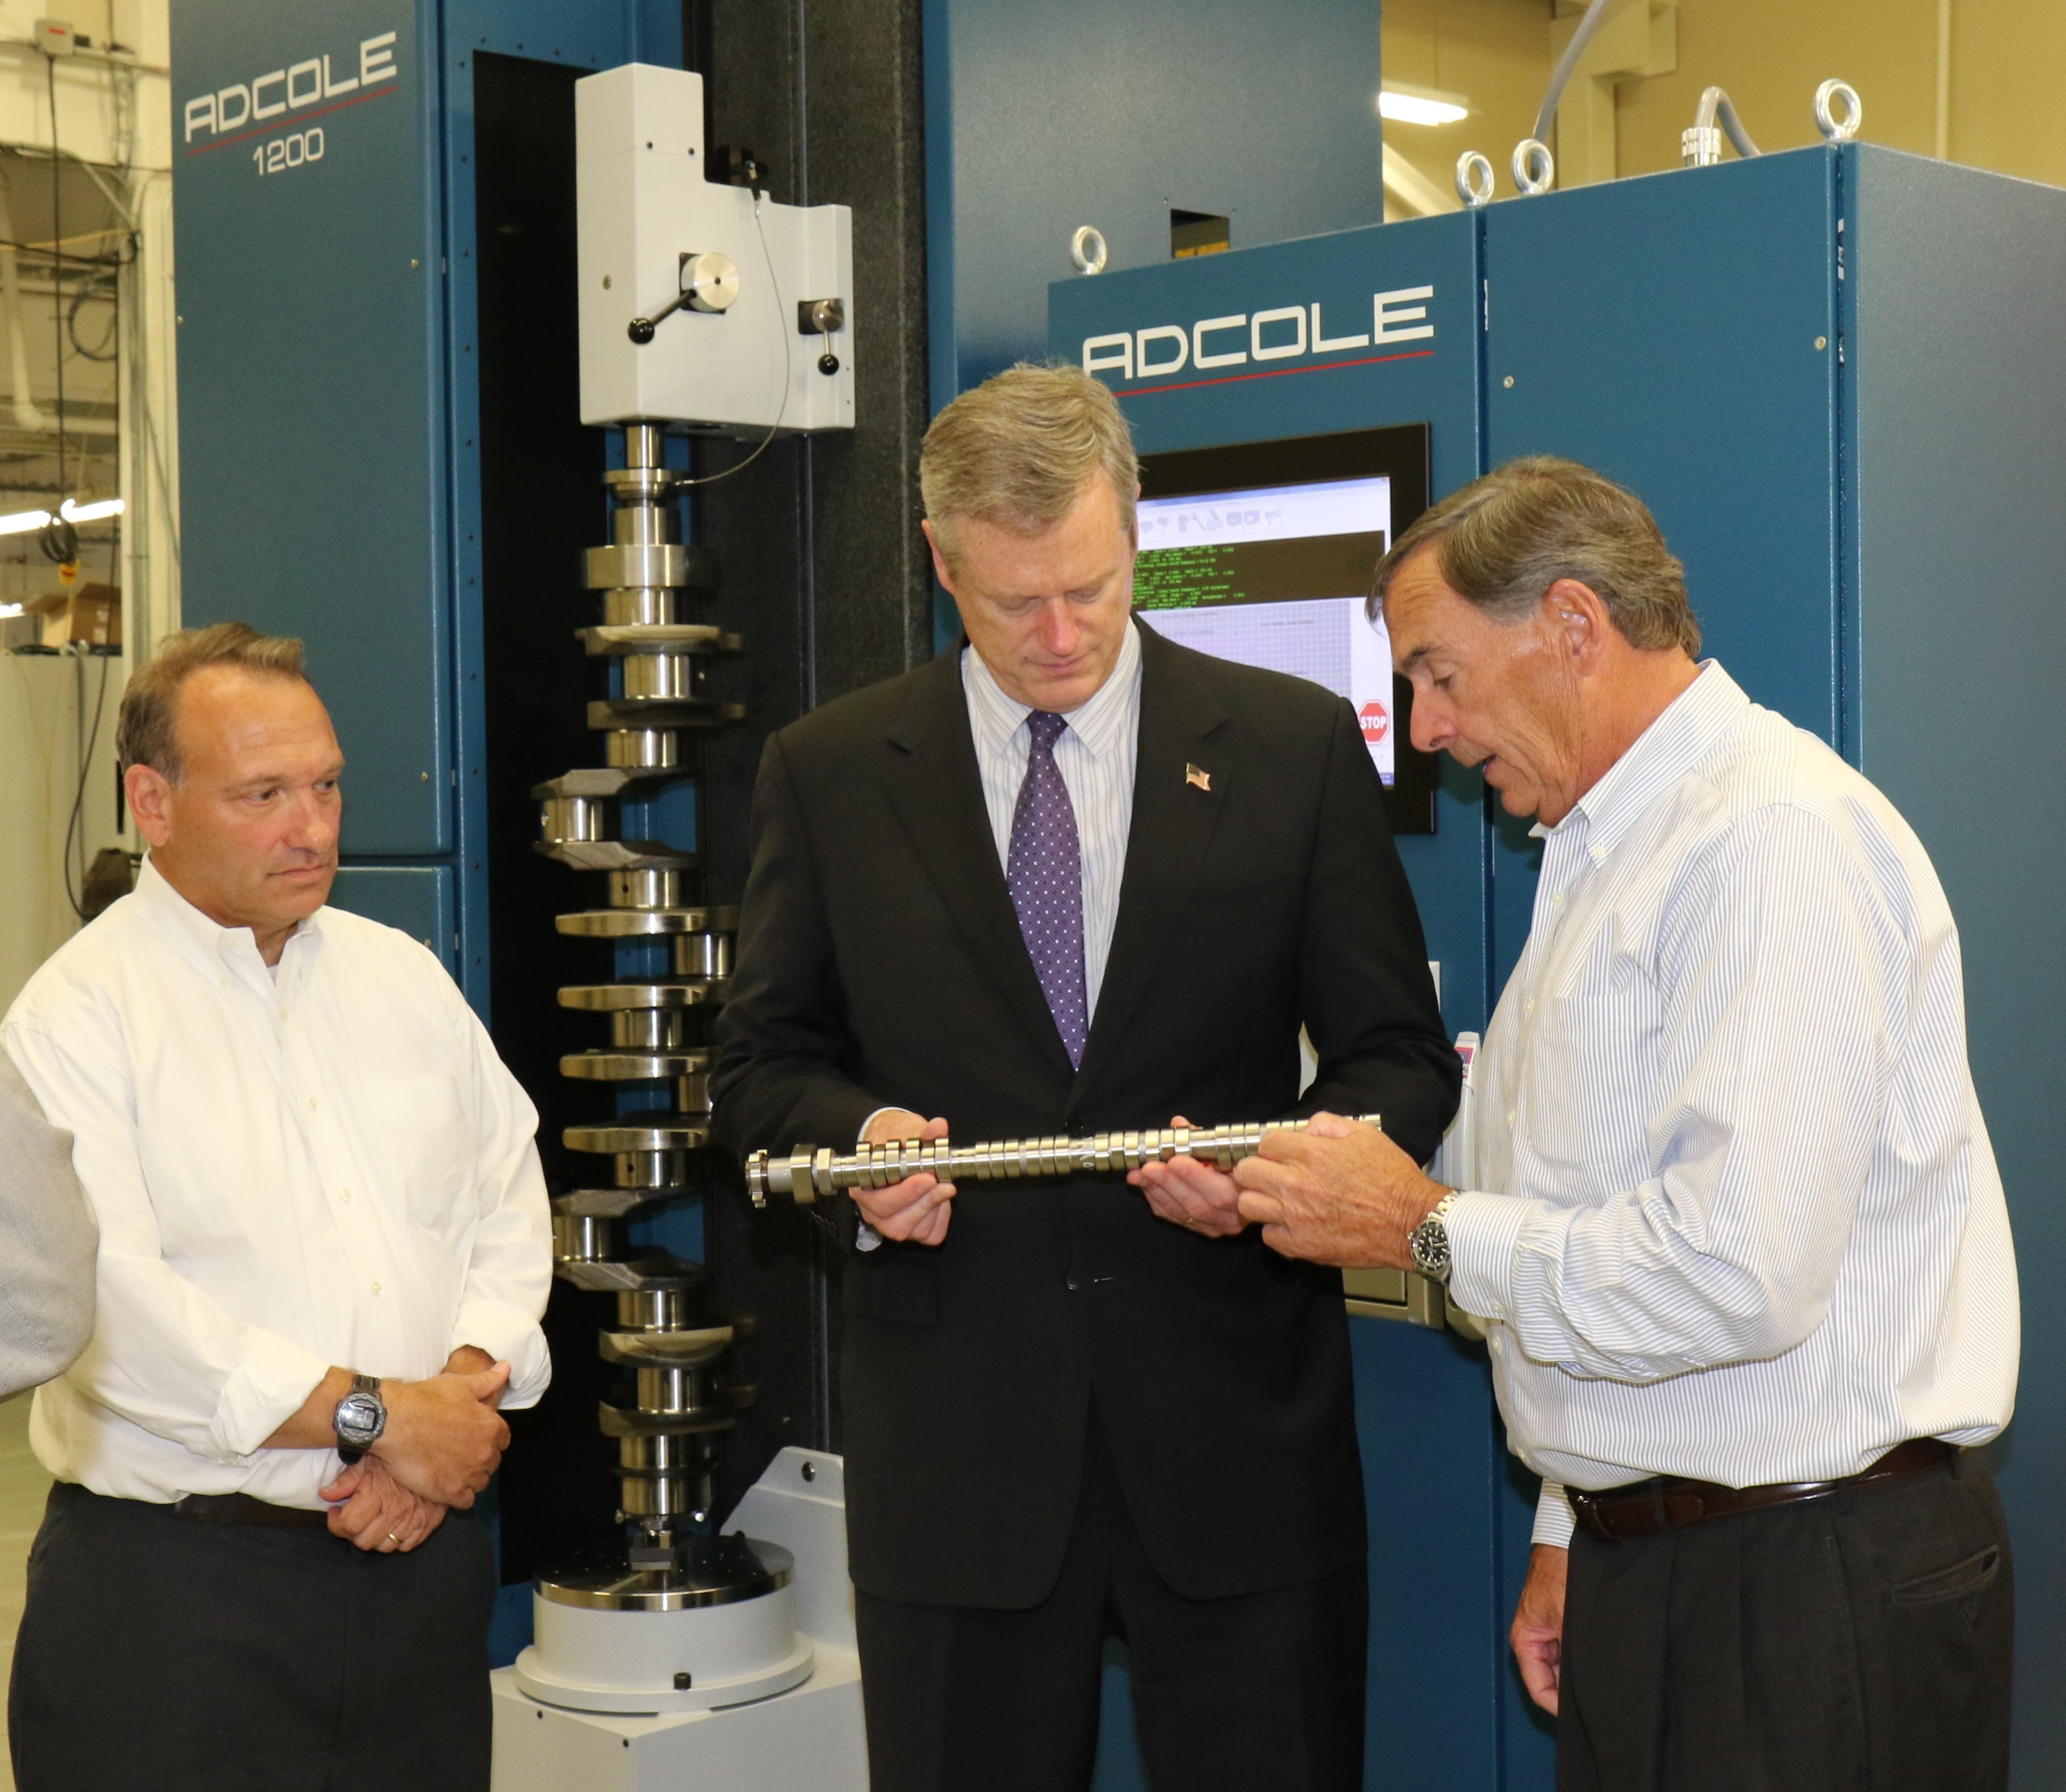 知事Baker、Adcole Corporationを訪問し、従業員の開発に対する企業のコミットメントを認識